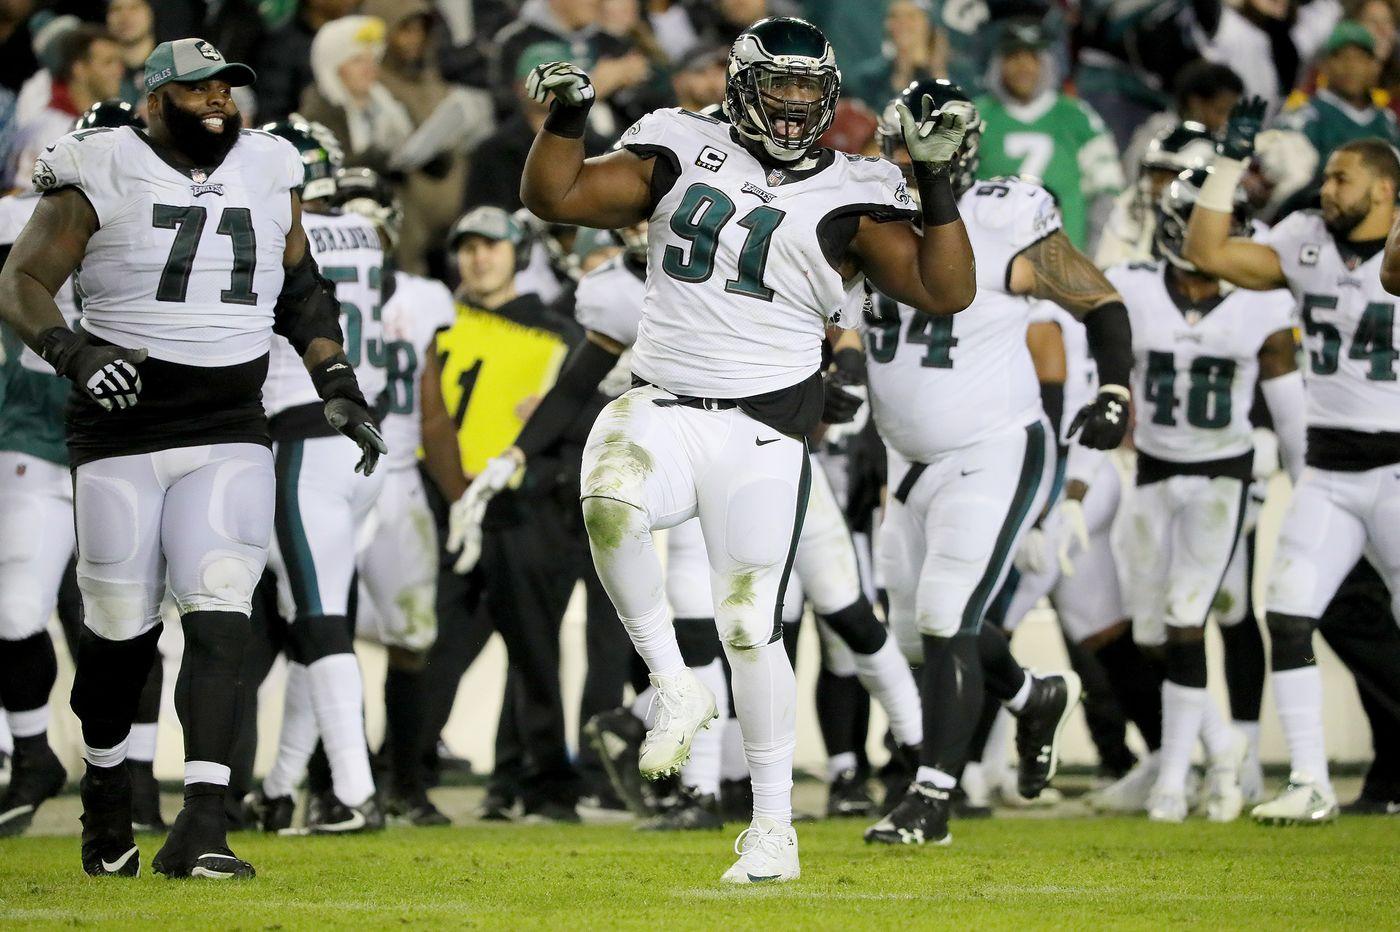 [NFL] Week 17: Partita senza storia (Philadelphia Eagles vs Washington Redskins 24-0)